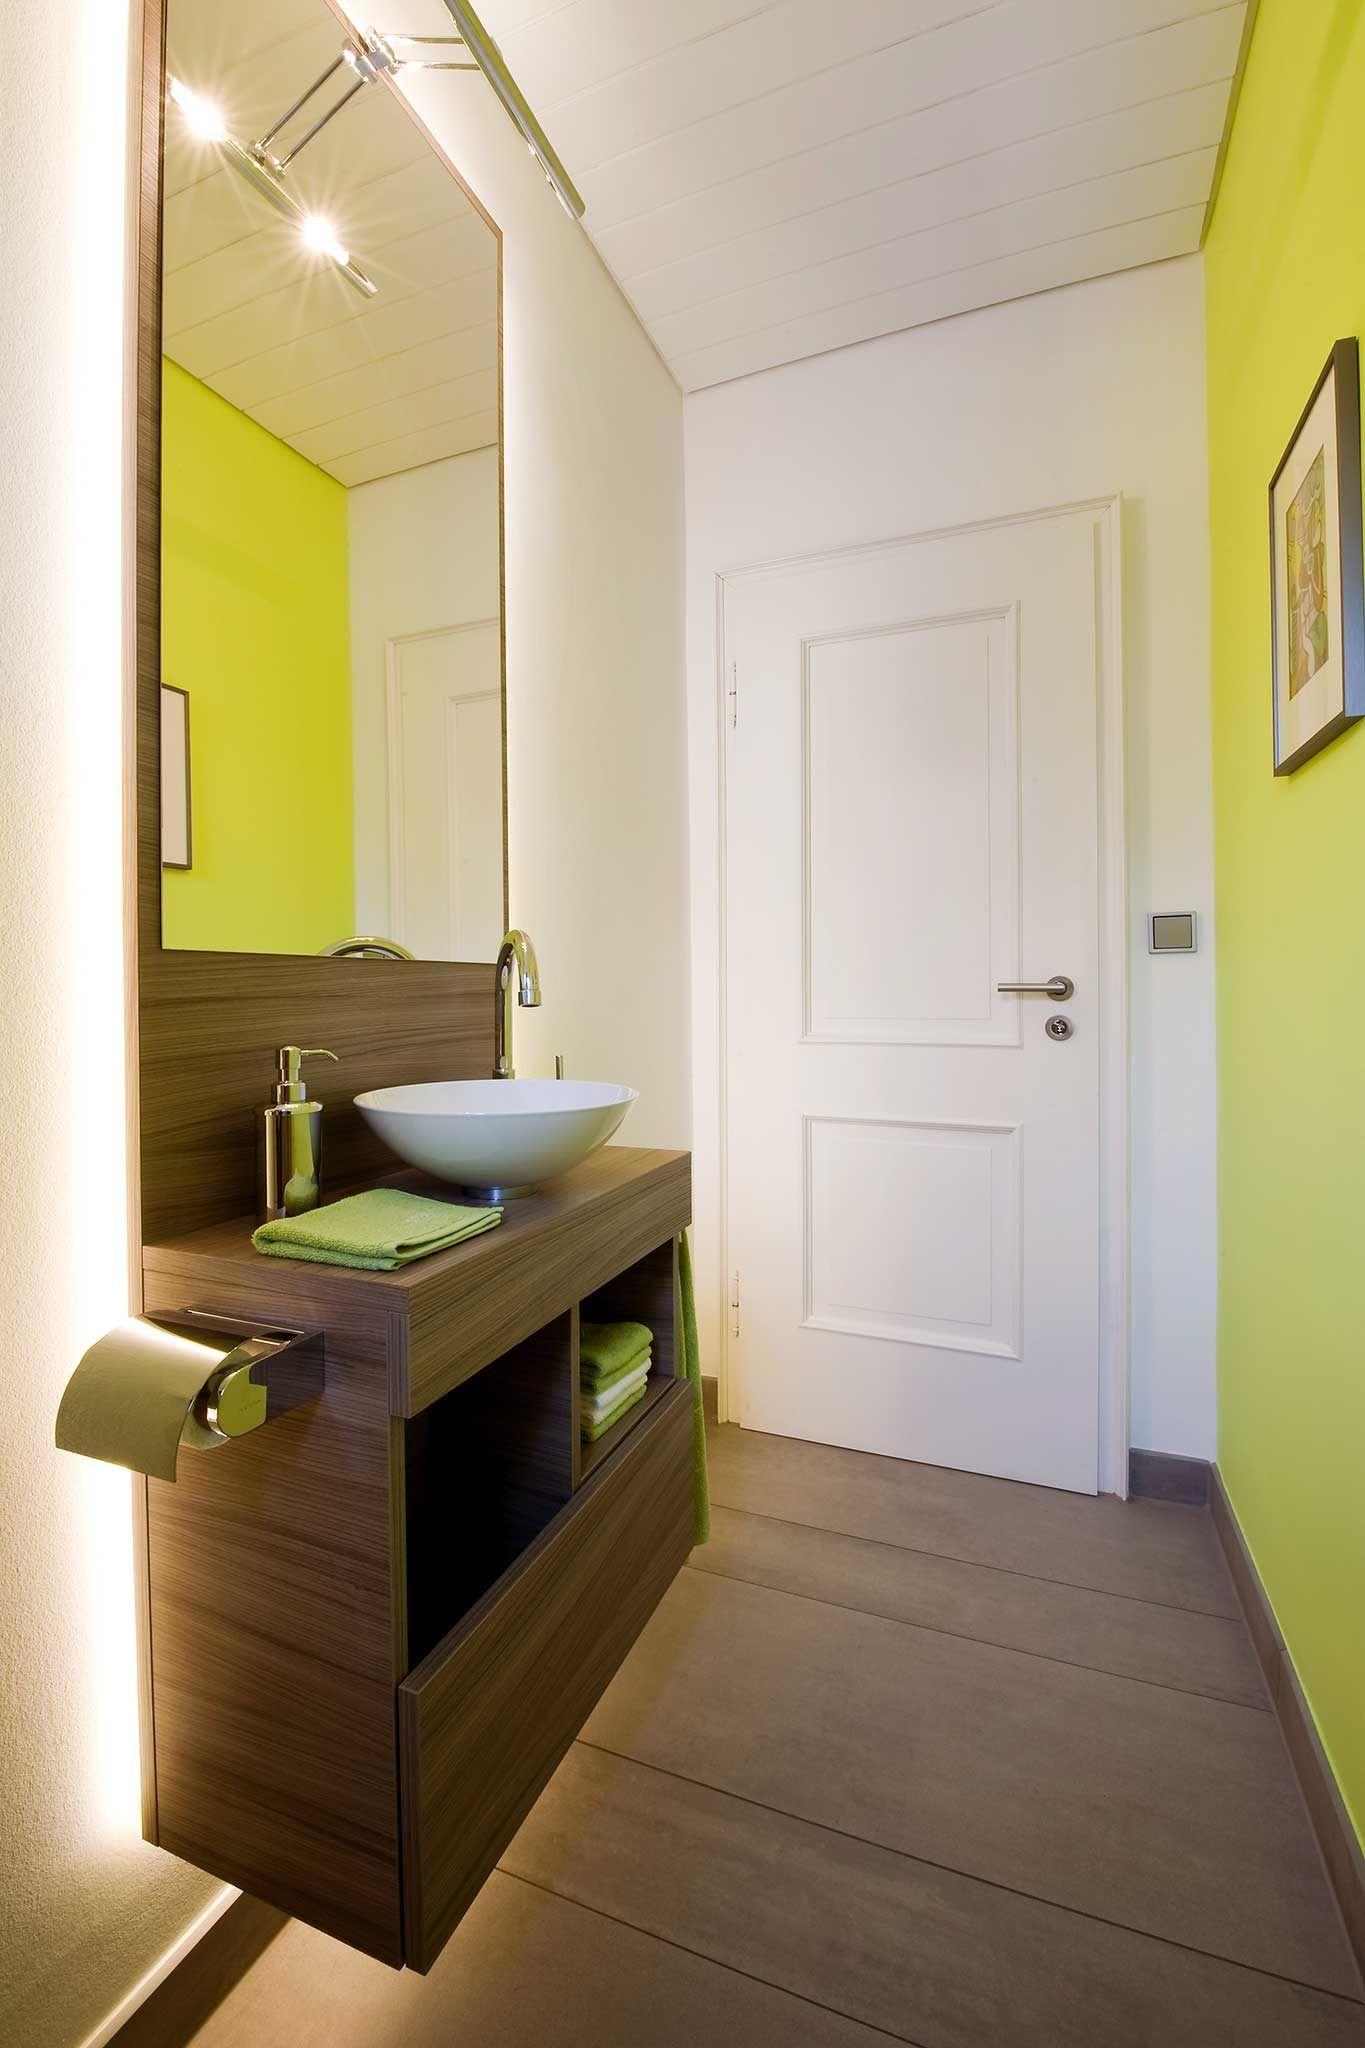 Spiegel Mit Integrierter Beleuchtung waschtisch mit großem spiegel und integrierter beleuchtung